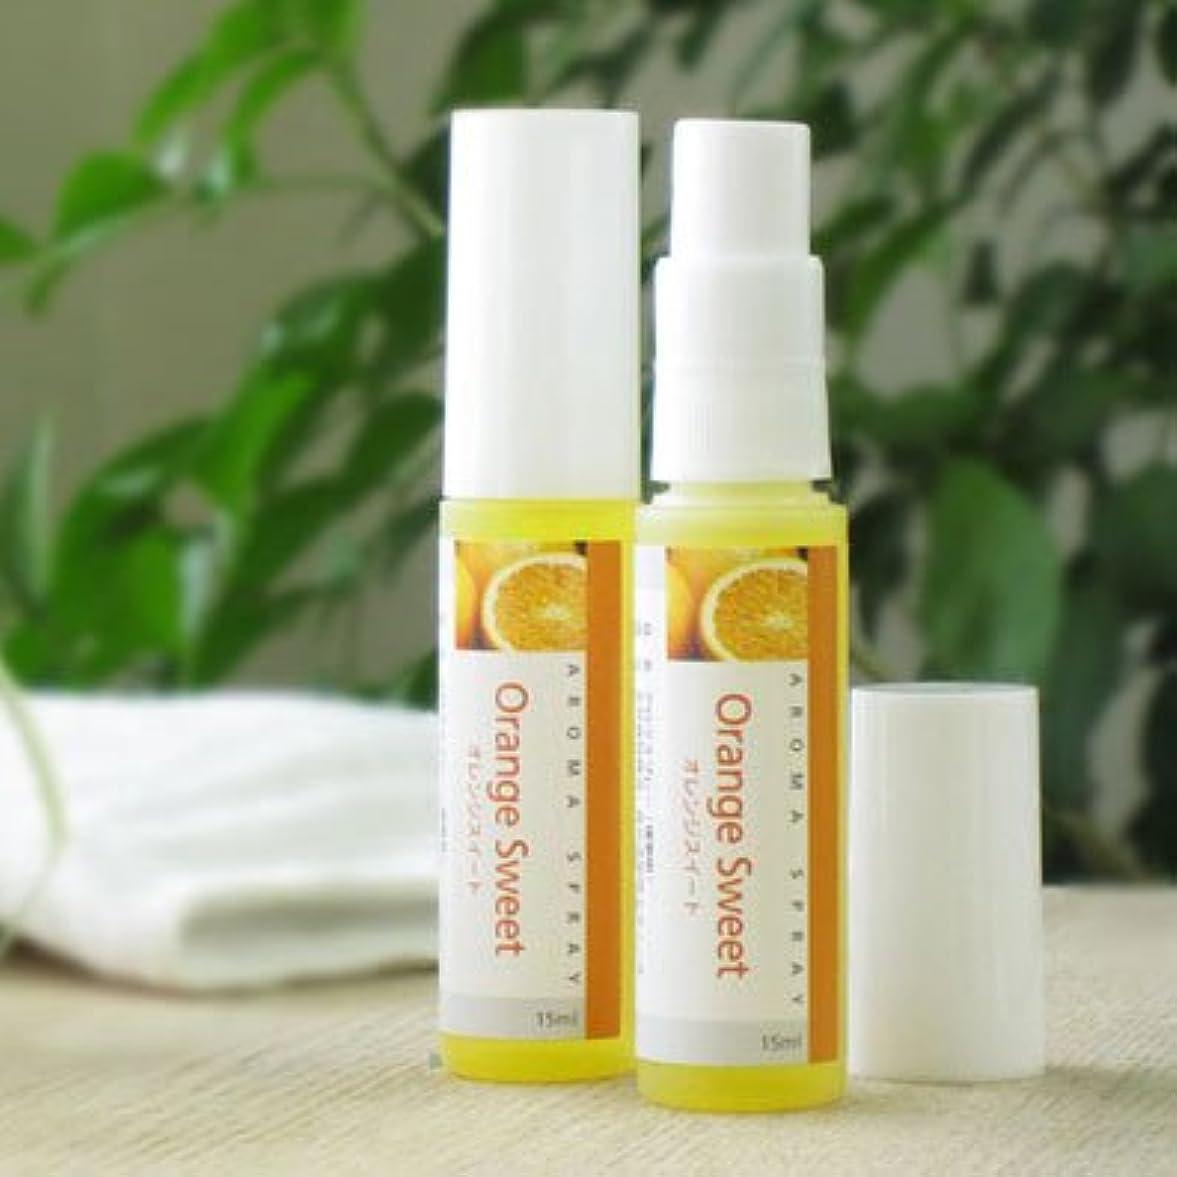 提案遷移施し天然の香りのアロマスプレー【オレンジ】15ml ミニボトル